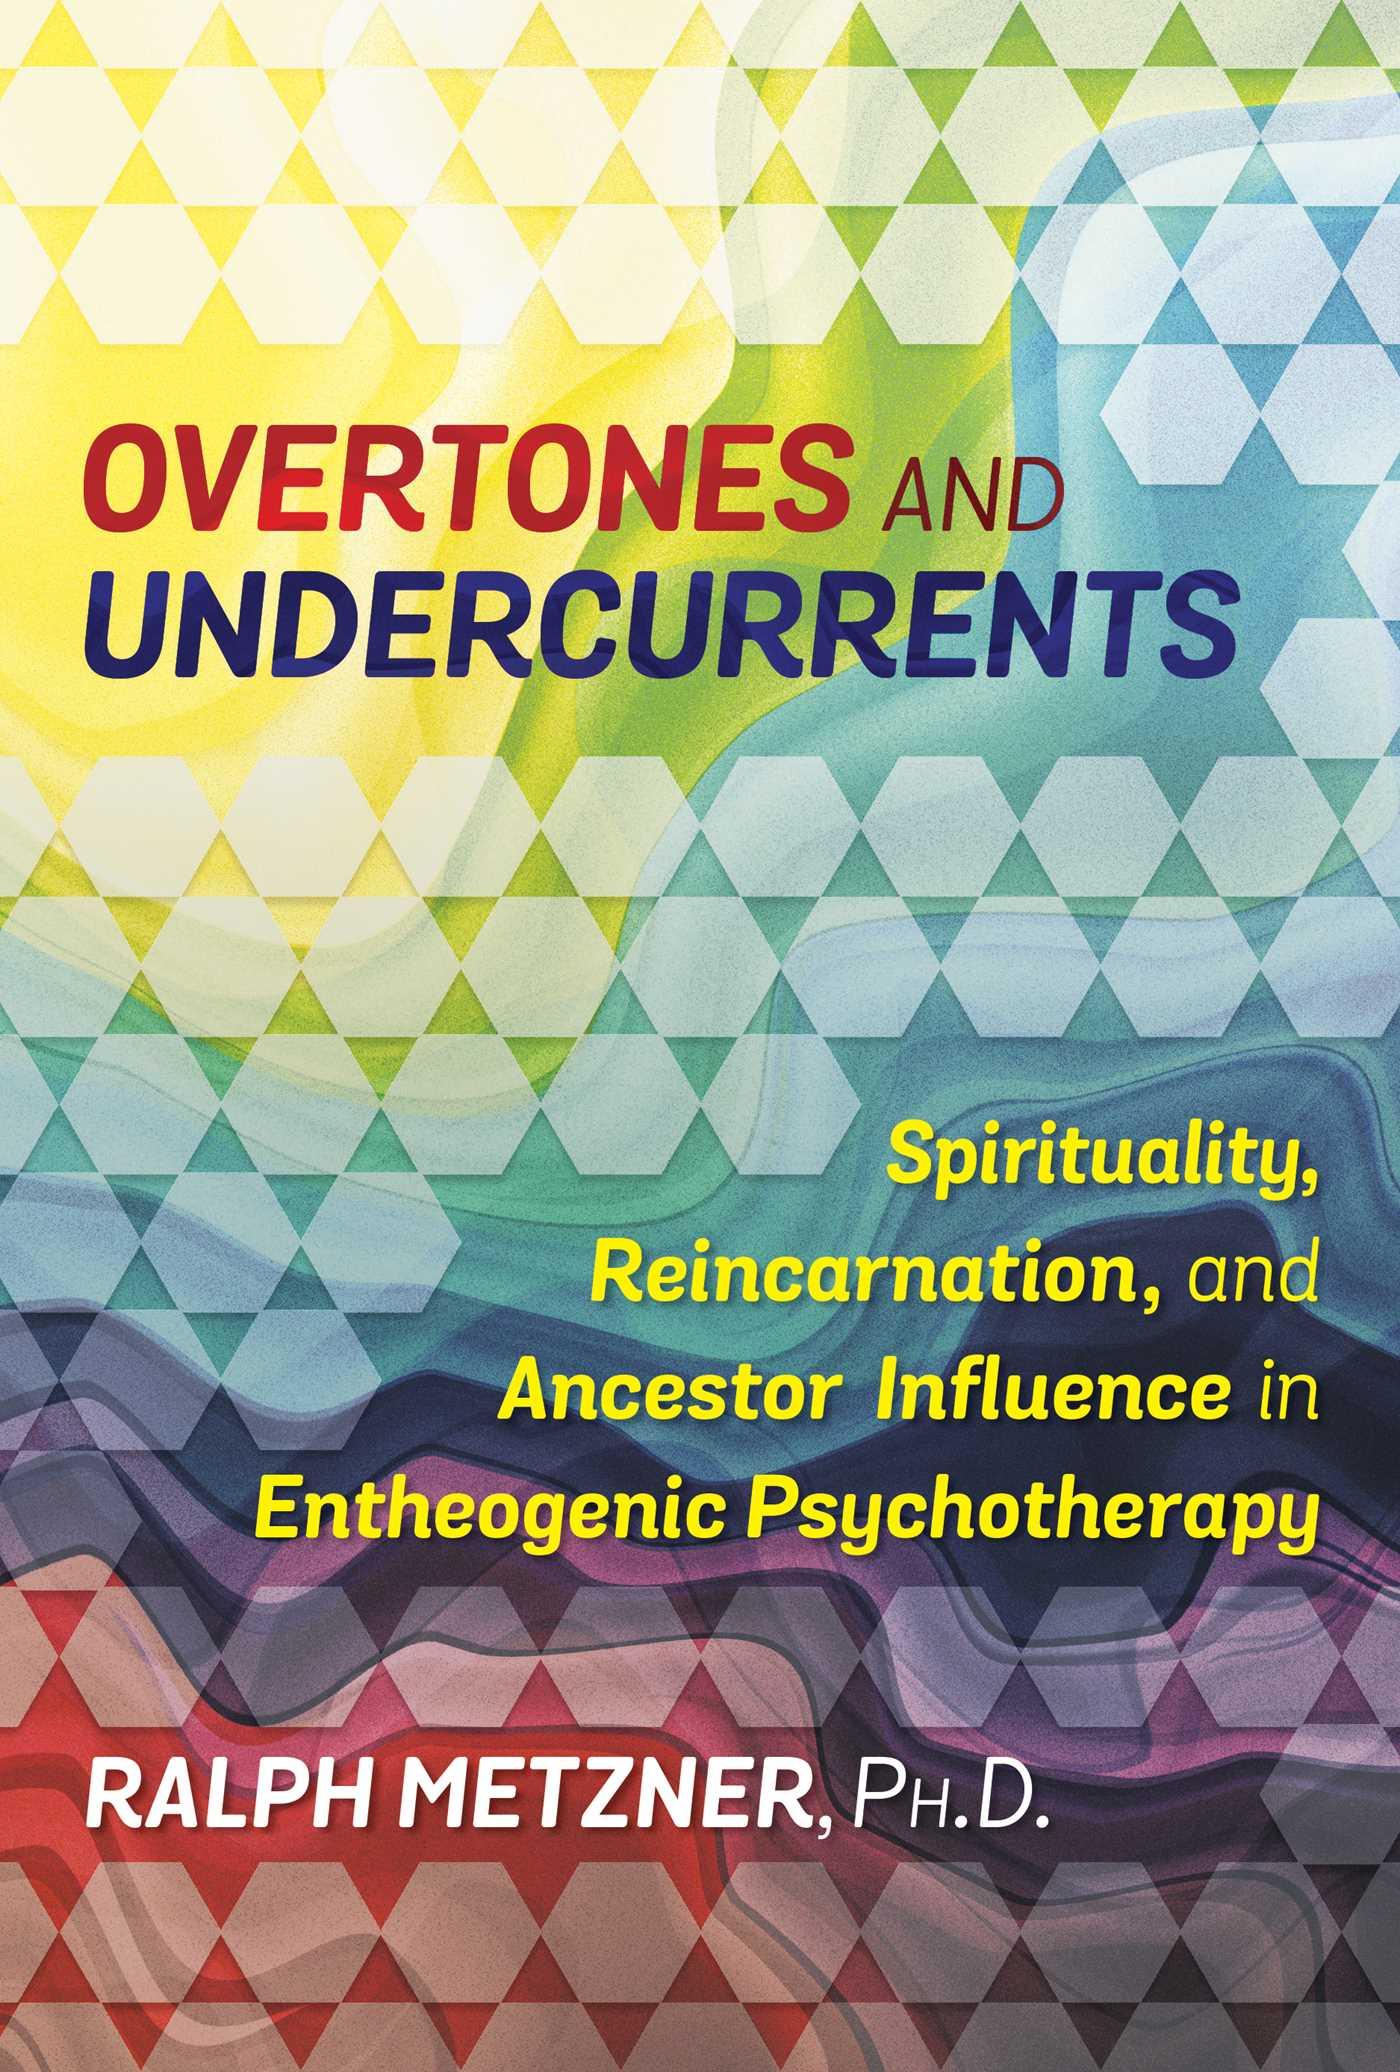 Overtones and undercurrents 9781620556894 hr